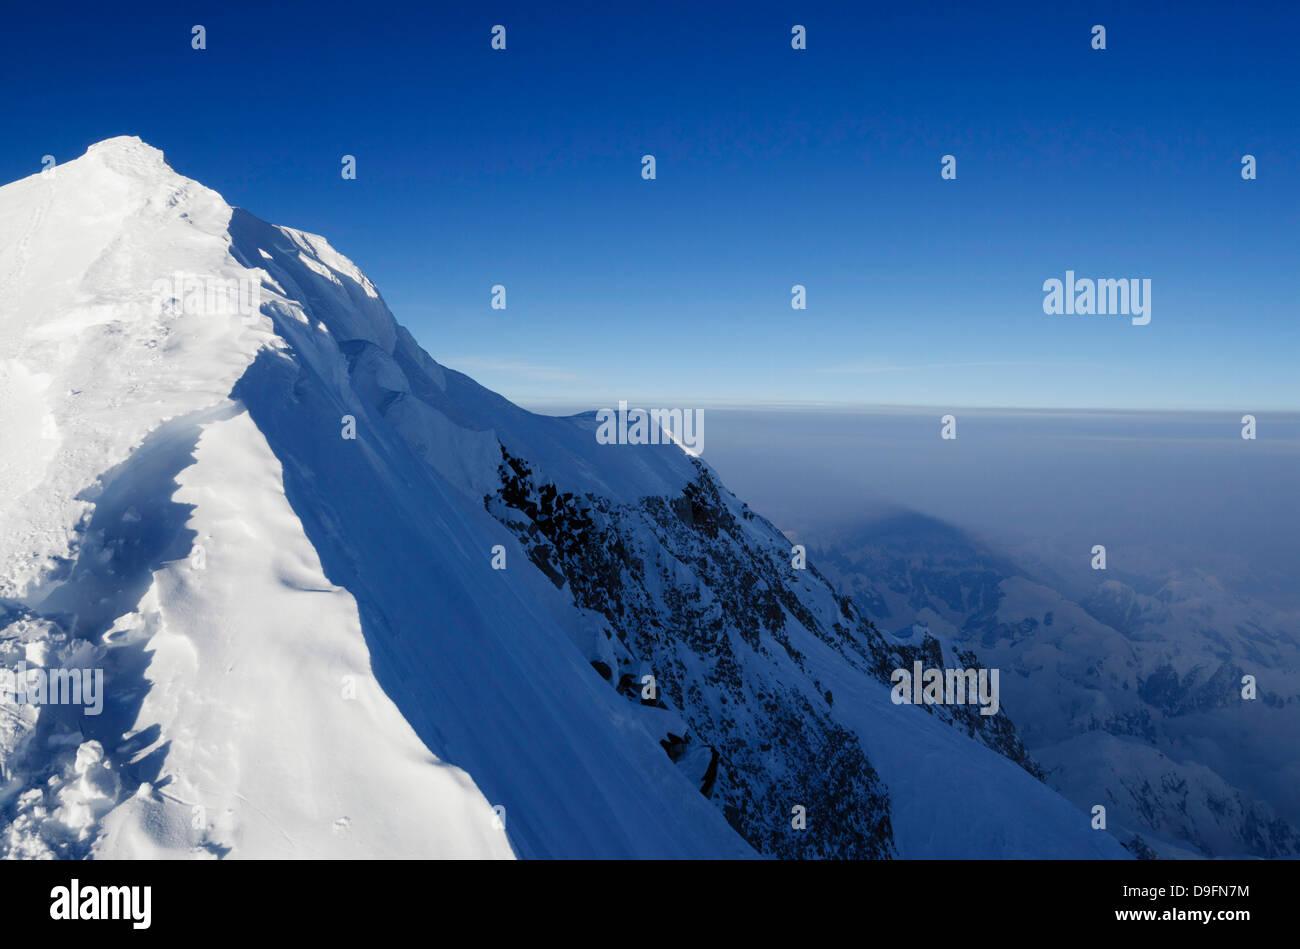 Cima, expedición de escalada en el monte McKinley, 6194m, el Parque Nacional Denali, Alaska, EE.UU. Imagen De Stock